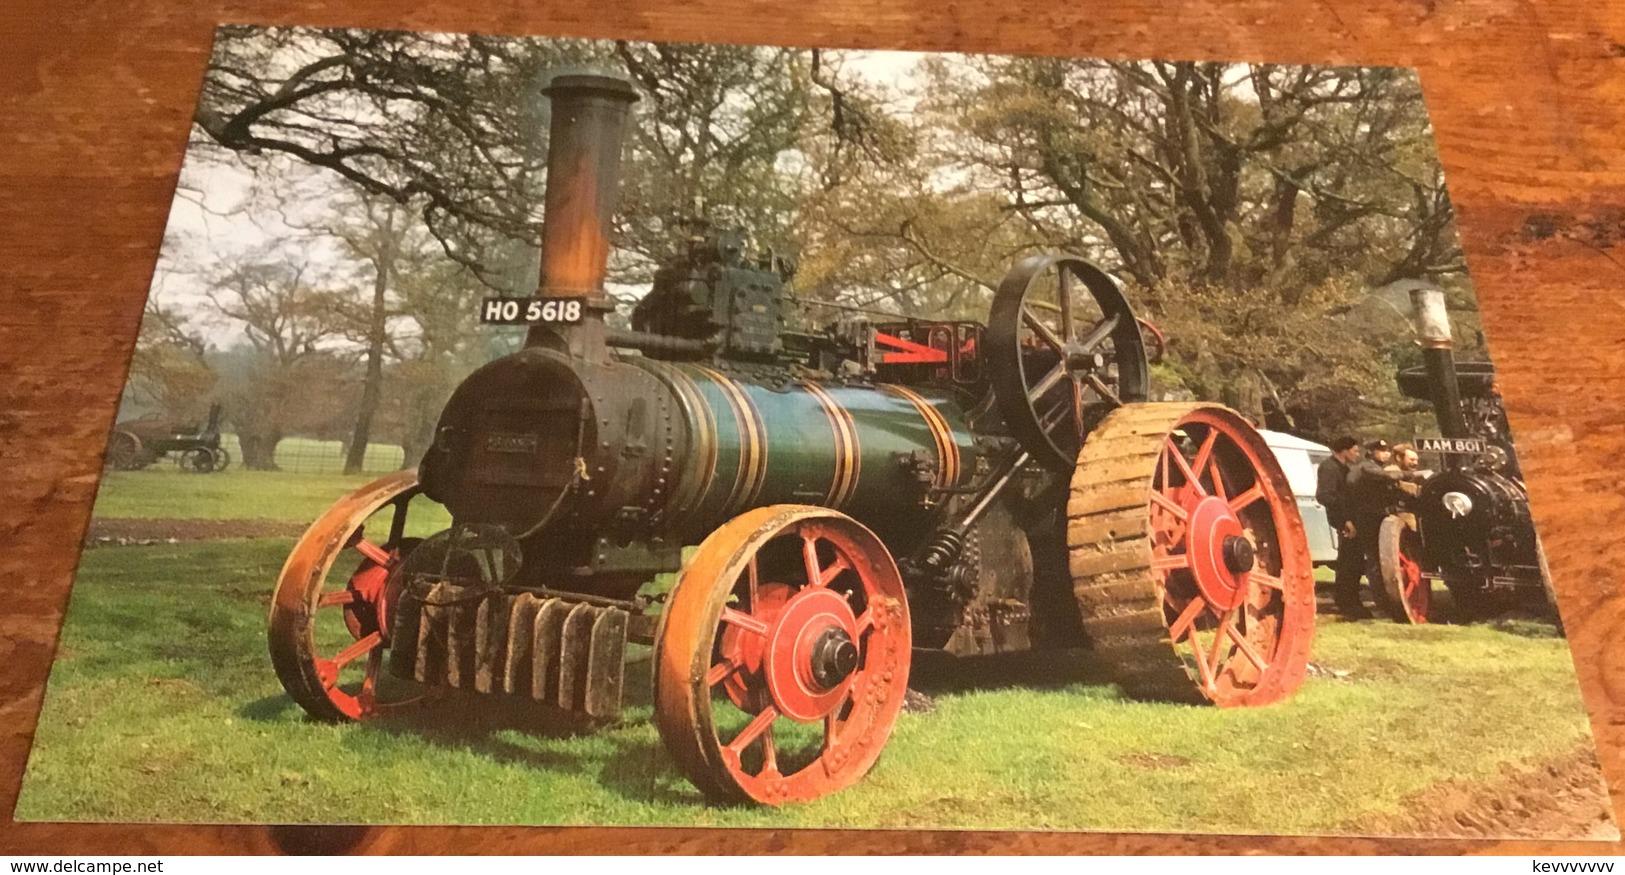 McLaren Traction Engine 8 NHP, Built 1882 - Postcards